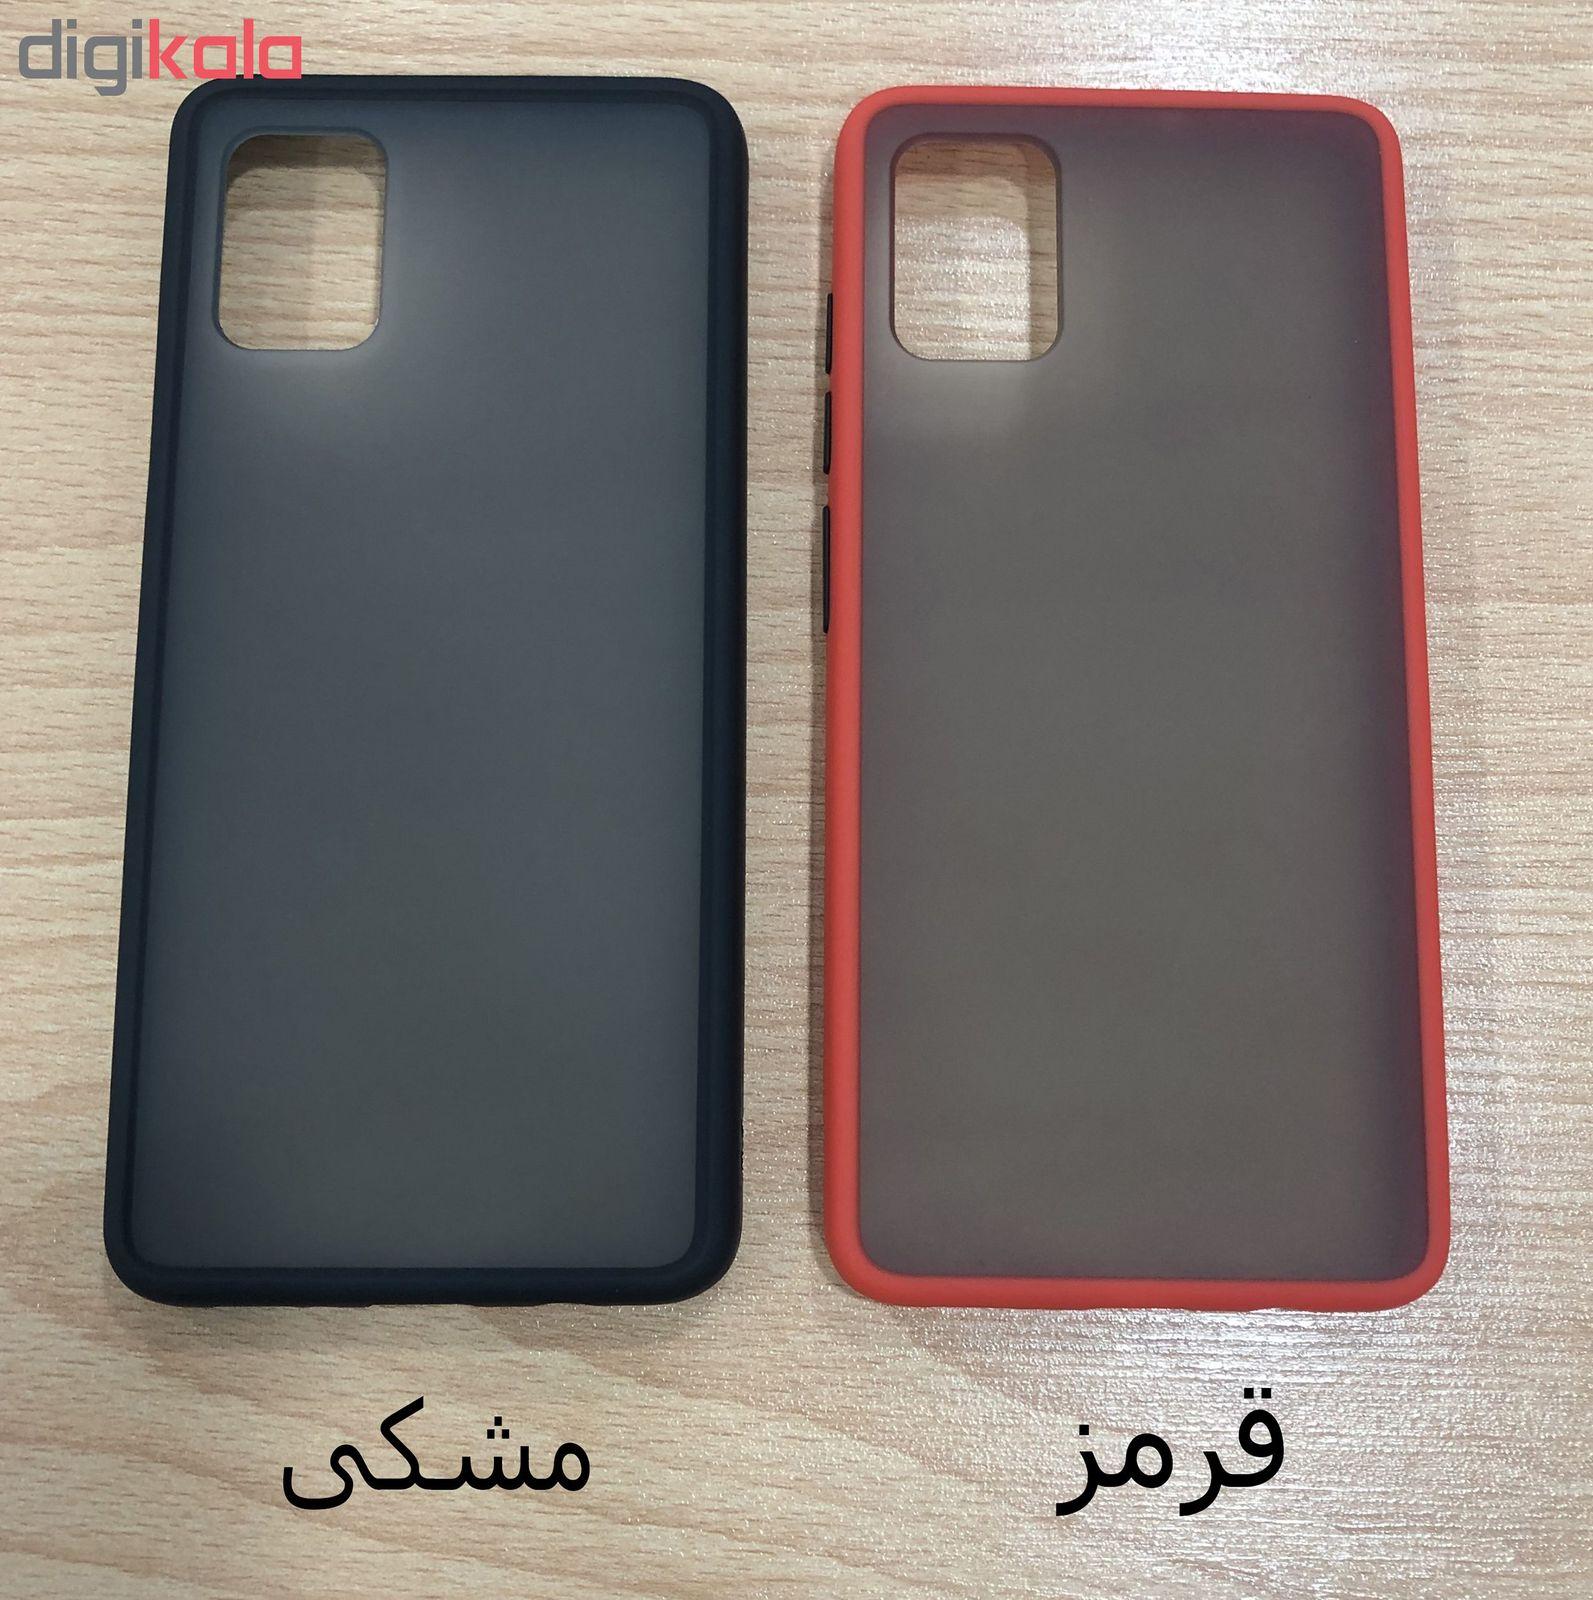 کاور مدل ME-001 مناسب برای گوشی موبایل سامسونگ Galaxy A51 main 1 3